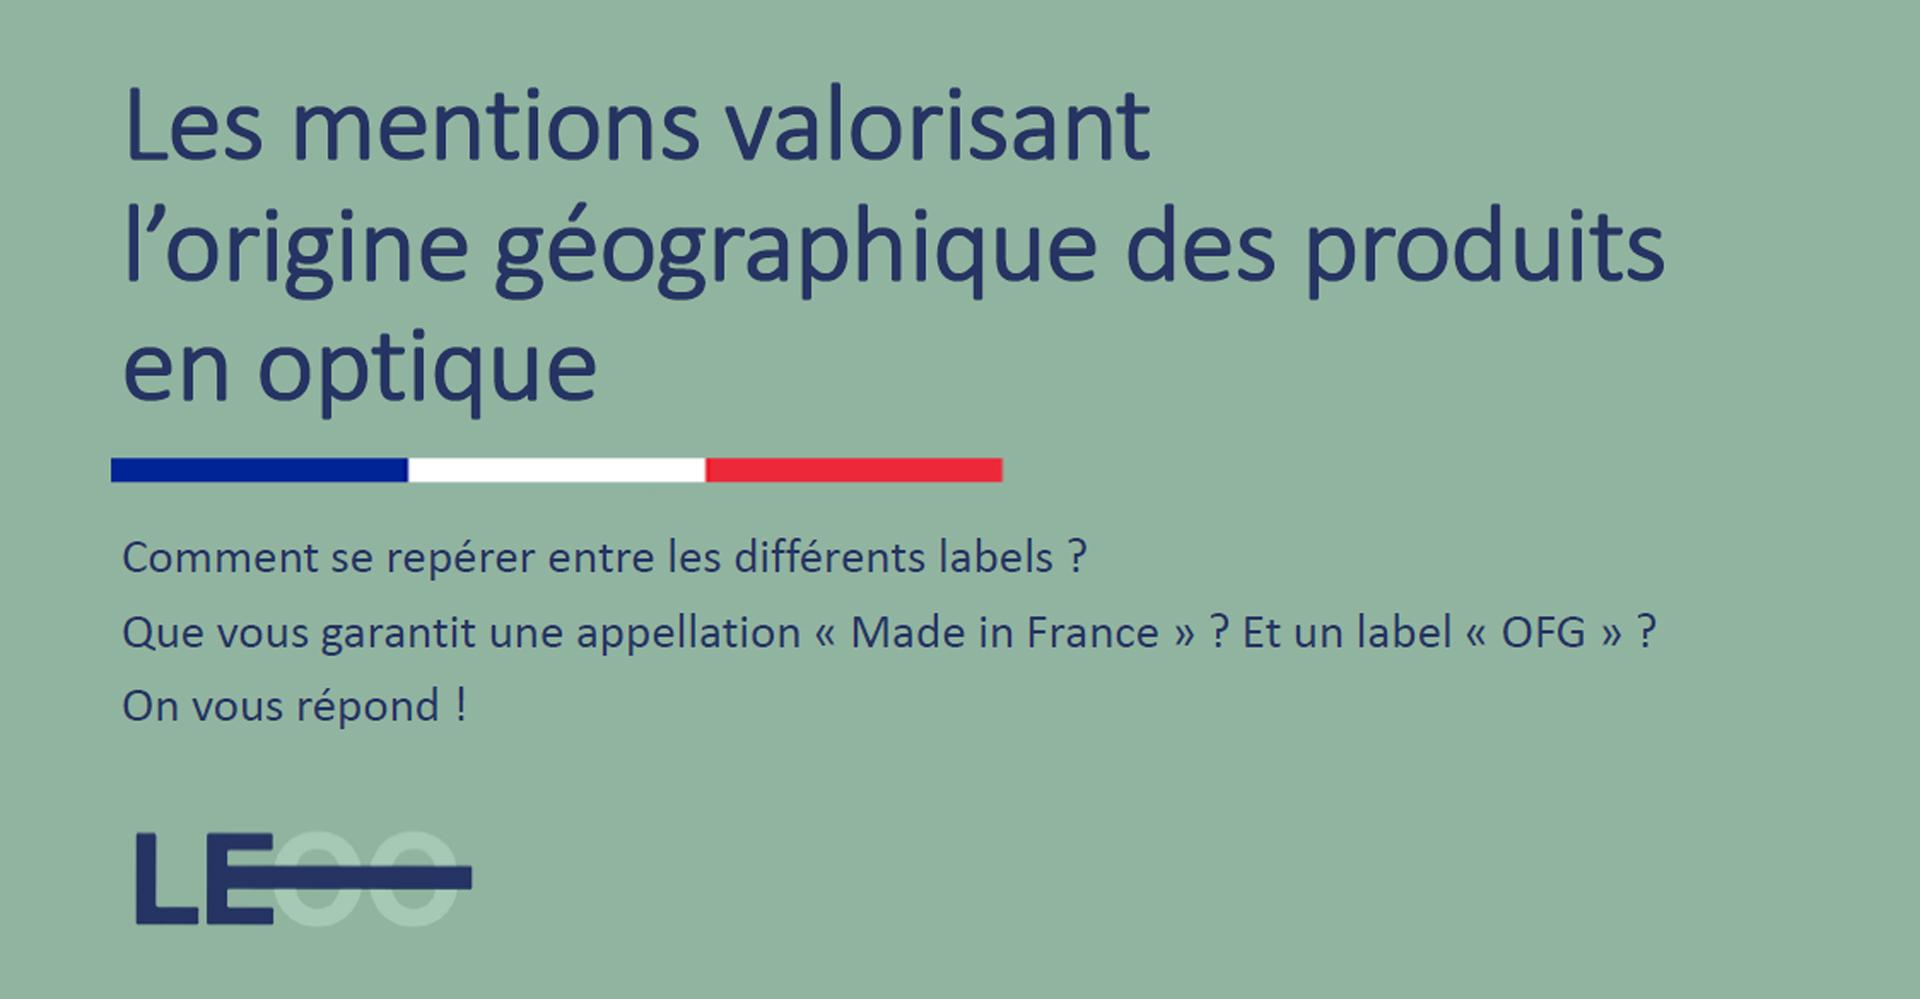 Le syndicat des fabricants français de l'optique ophtalmique LEOO organise un webinaire